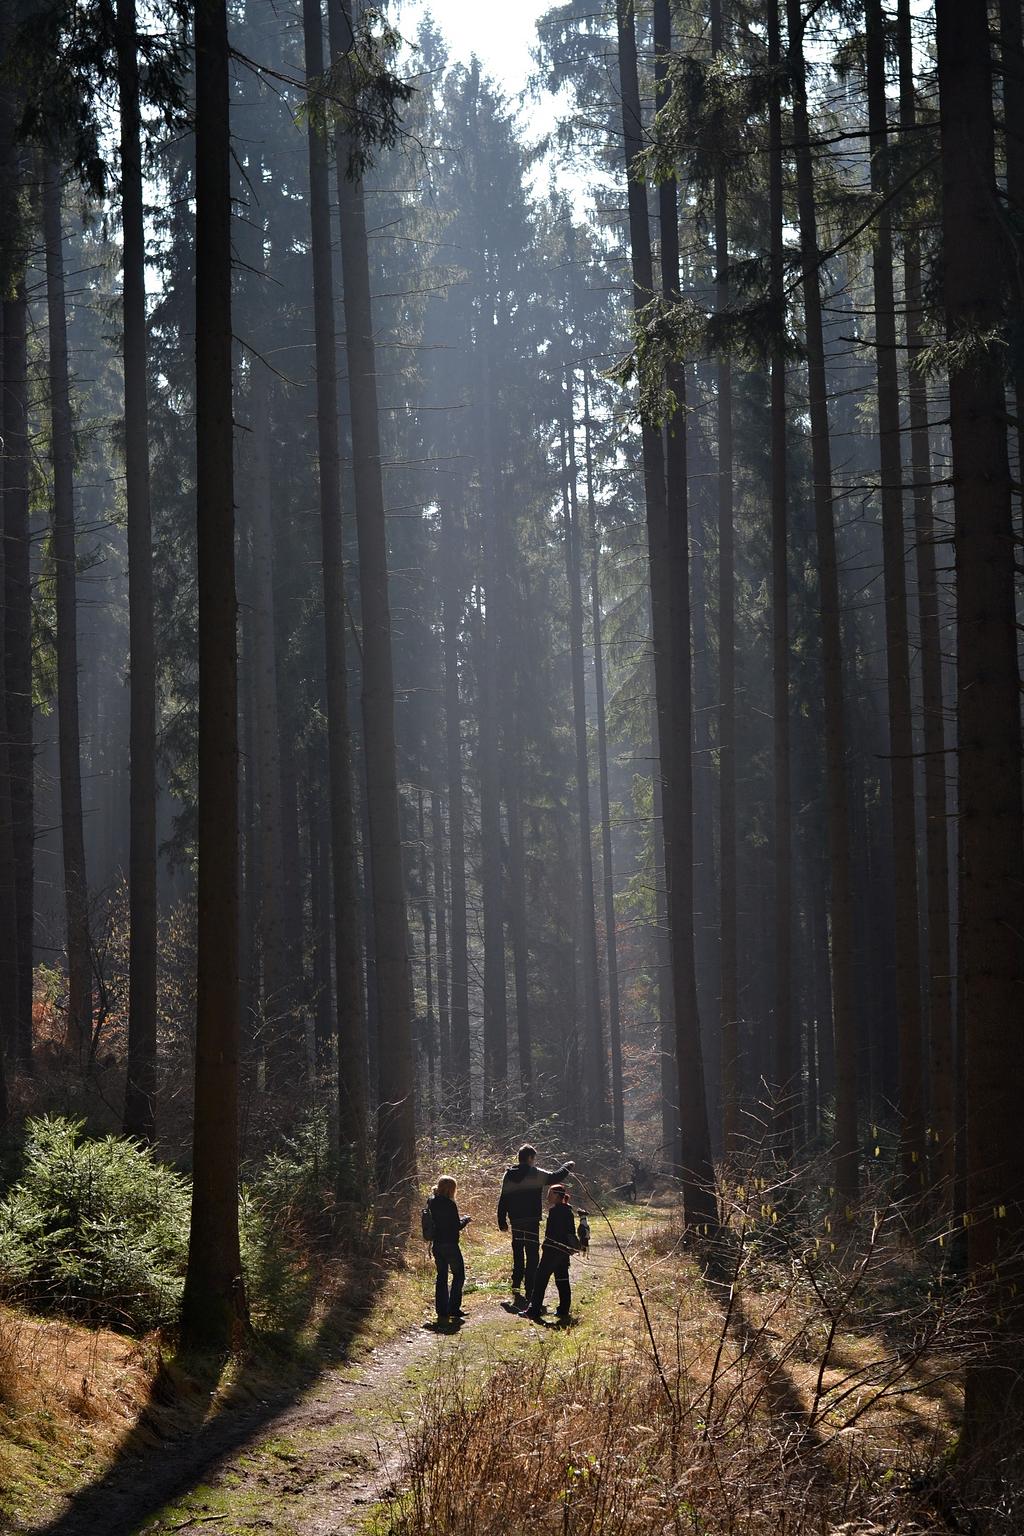 森林 路径 线索 树 性质 路径穿过树林 走 林道 在树林 怀旧之情